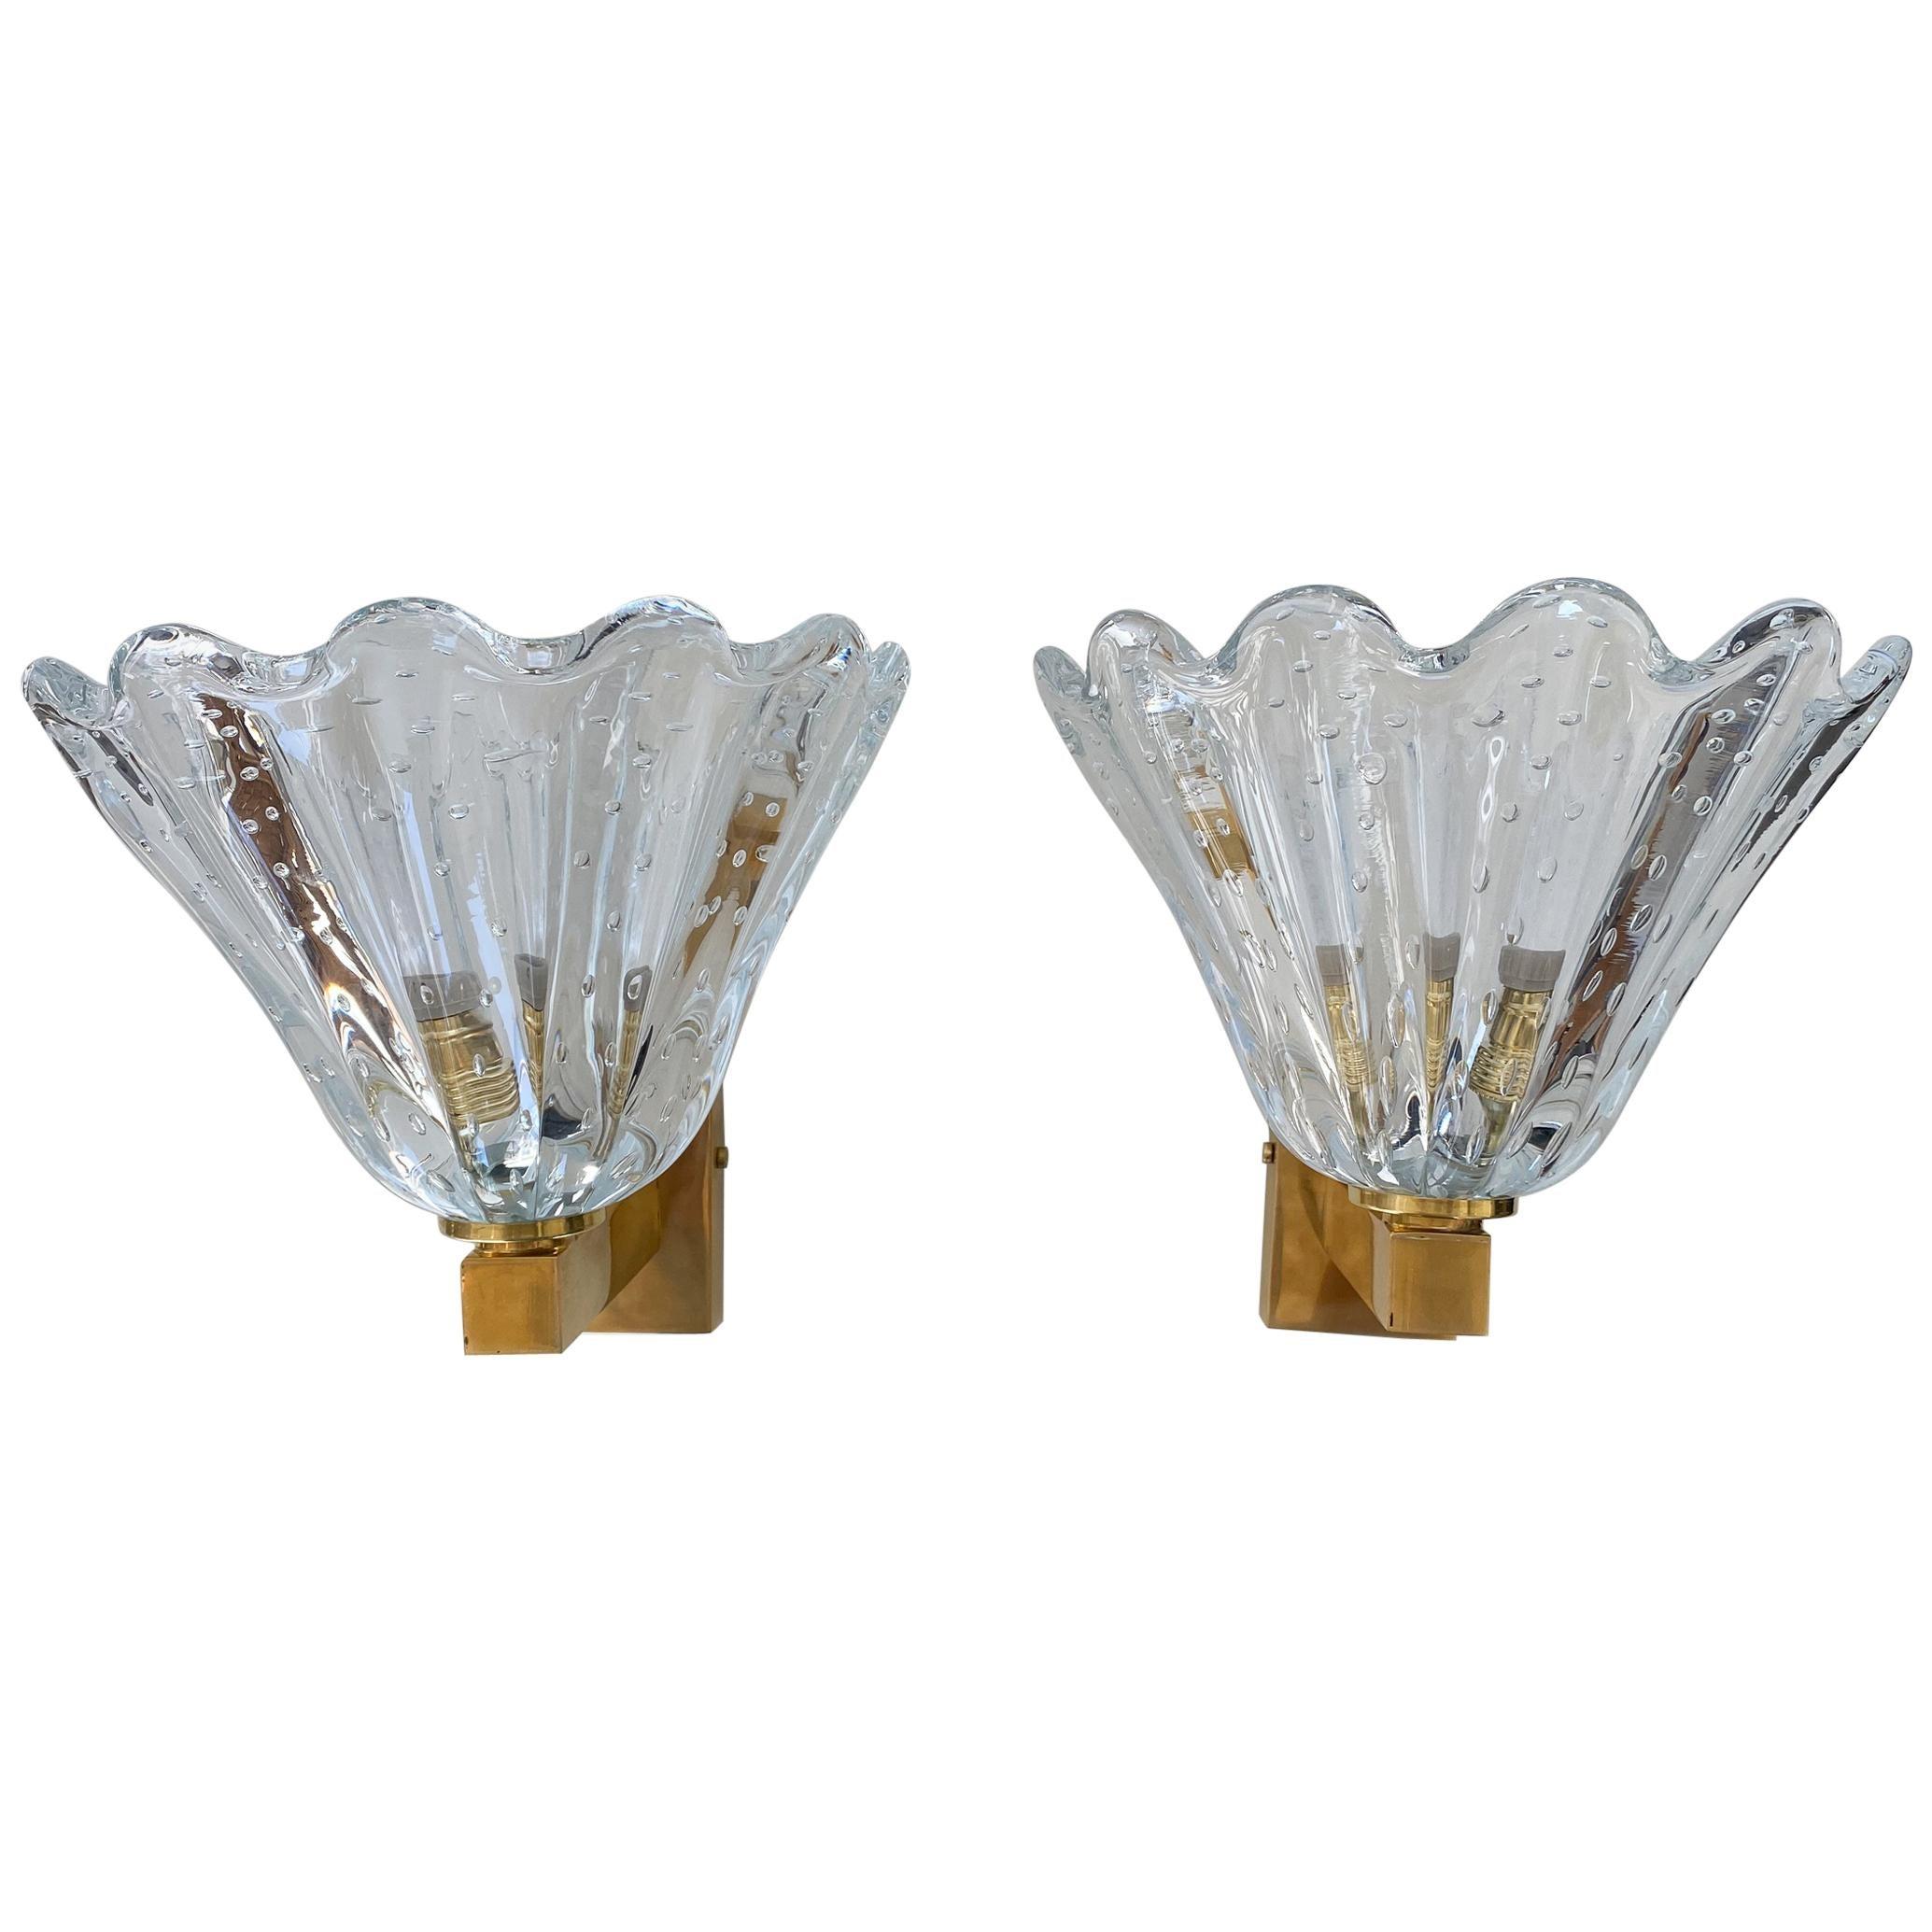 Italian Murano Scalloped Glass Sconces